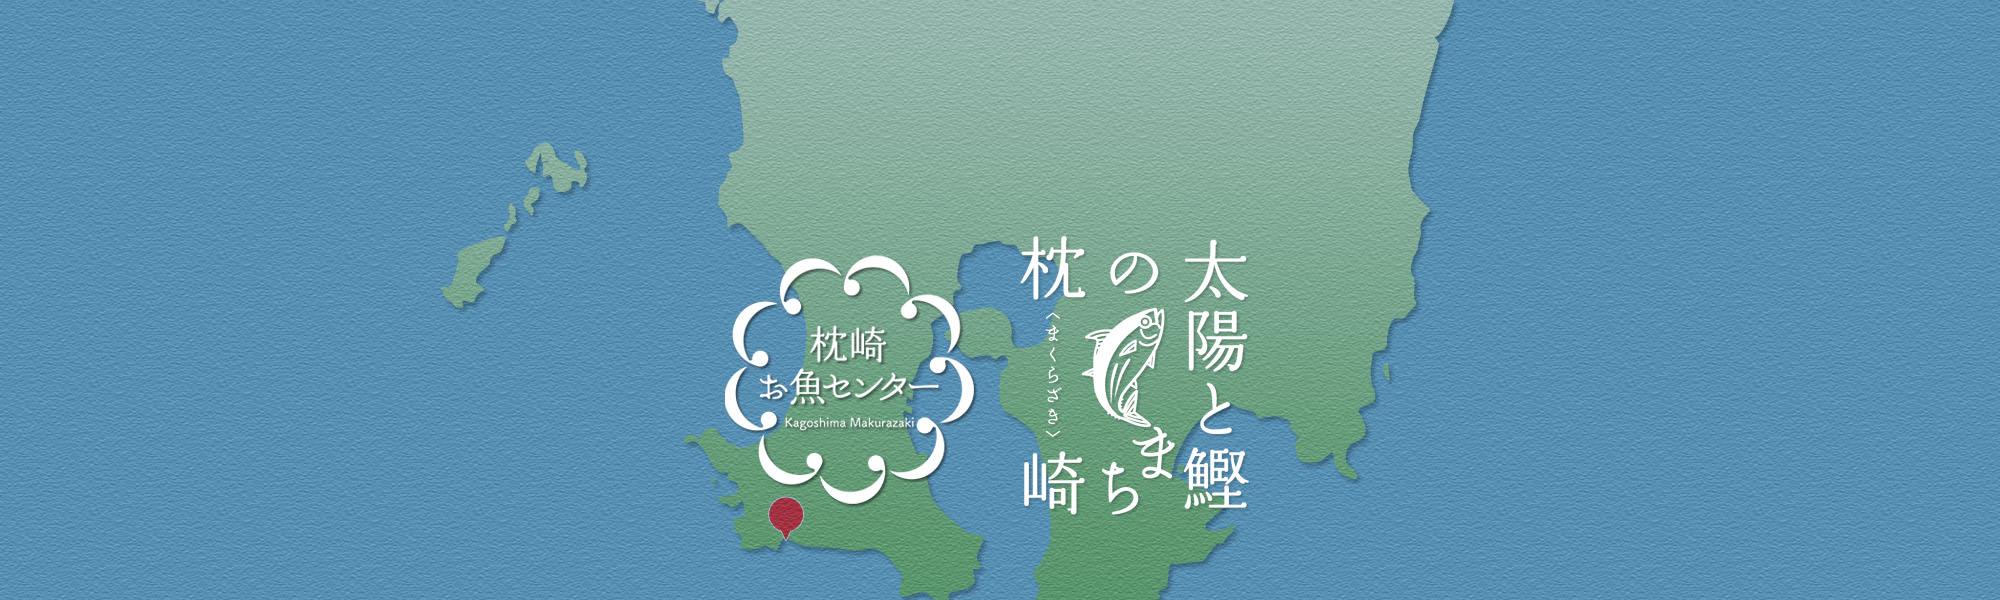 枕崎お魚センターへのアクセス イメージ画像